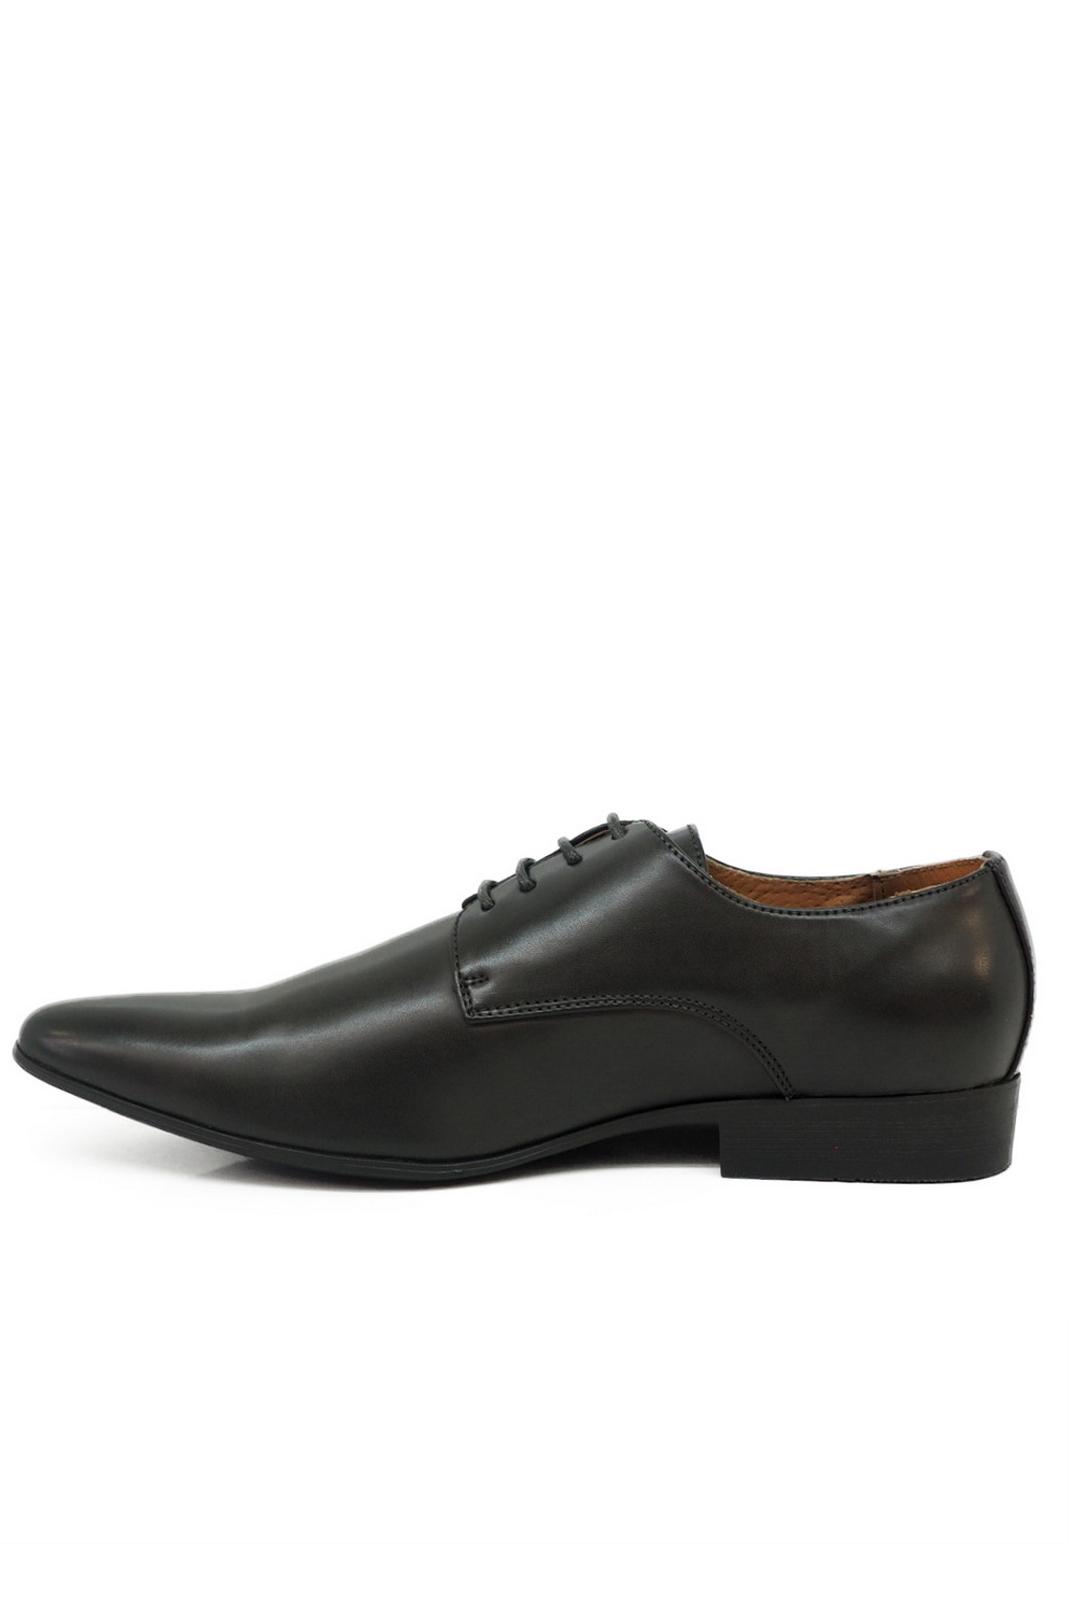 Chaussures de ville  Galax GH2019 GREY